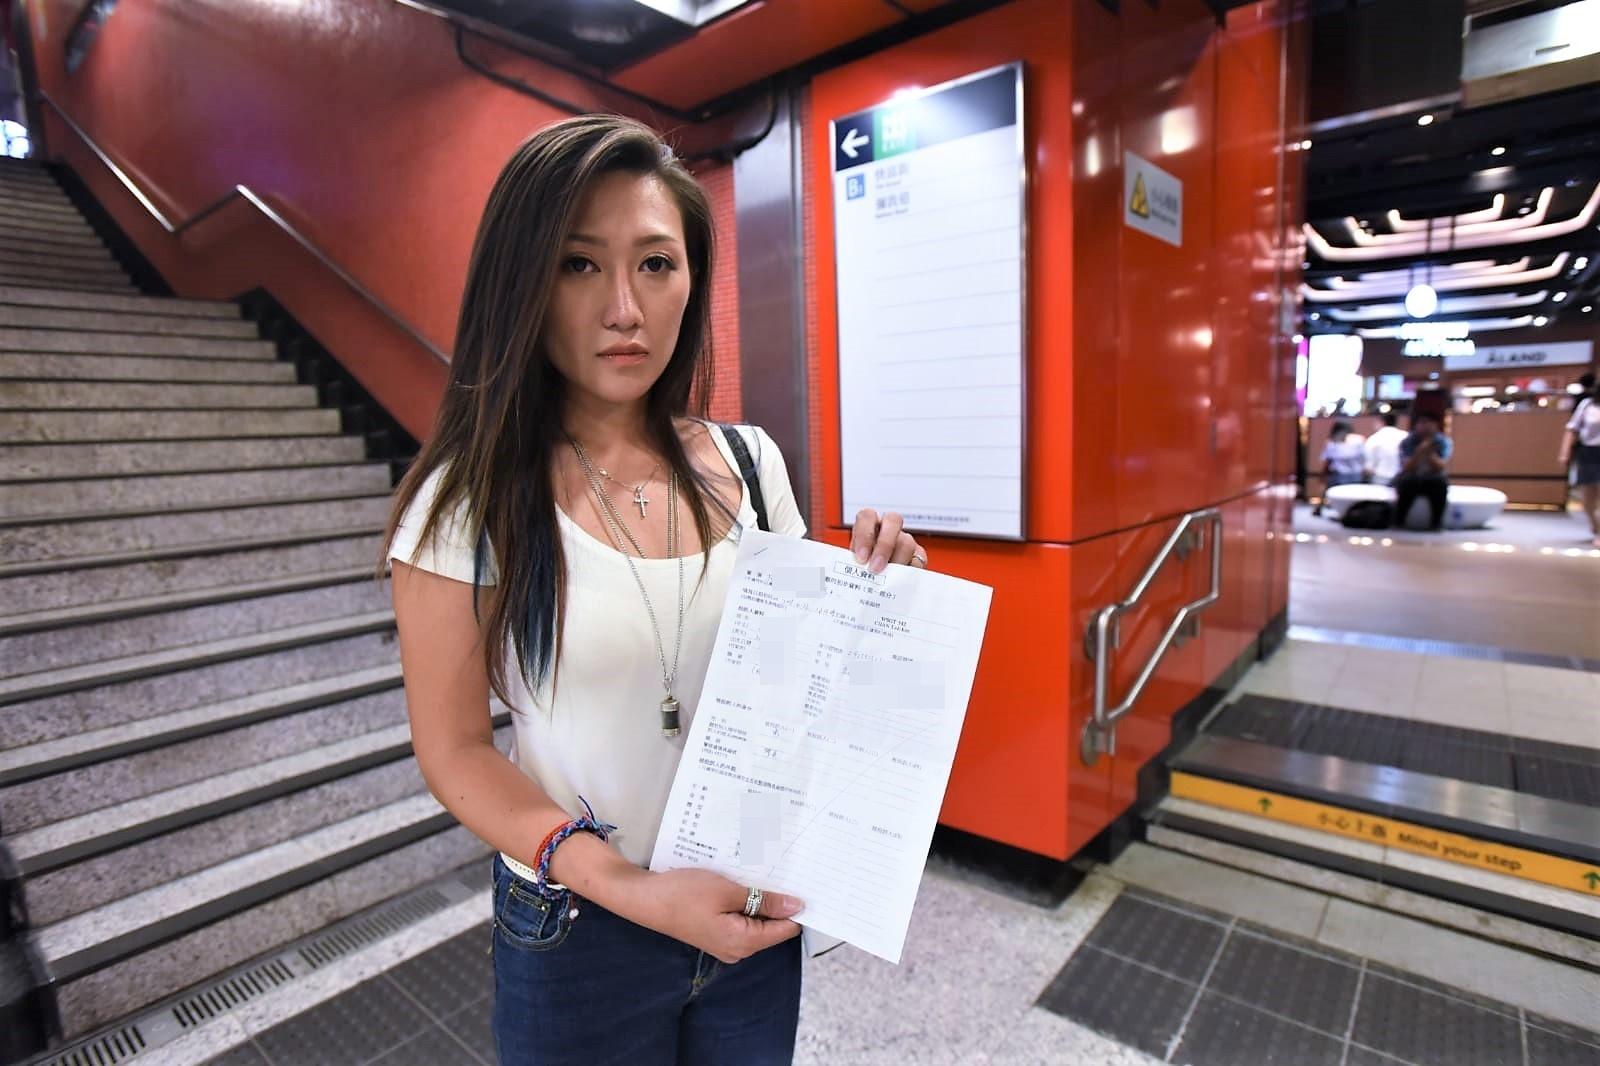 伍淑怡去年展示备案纸。 资料图片